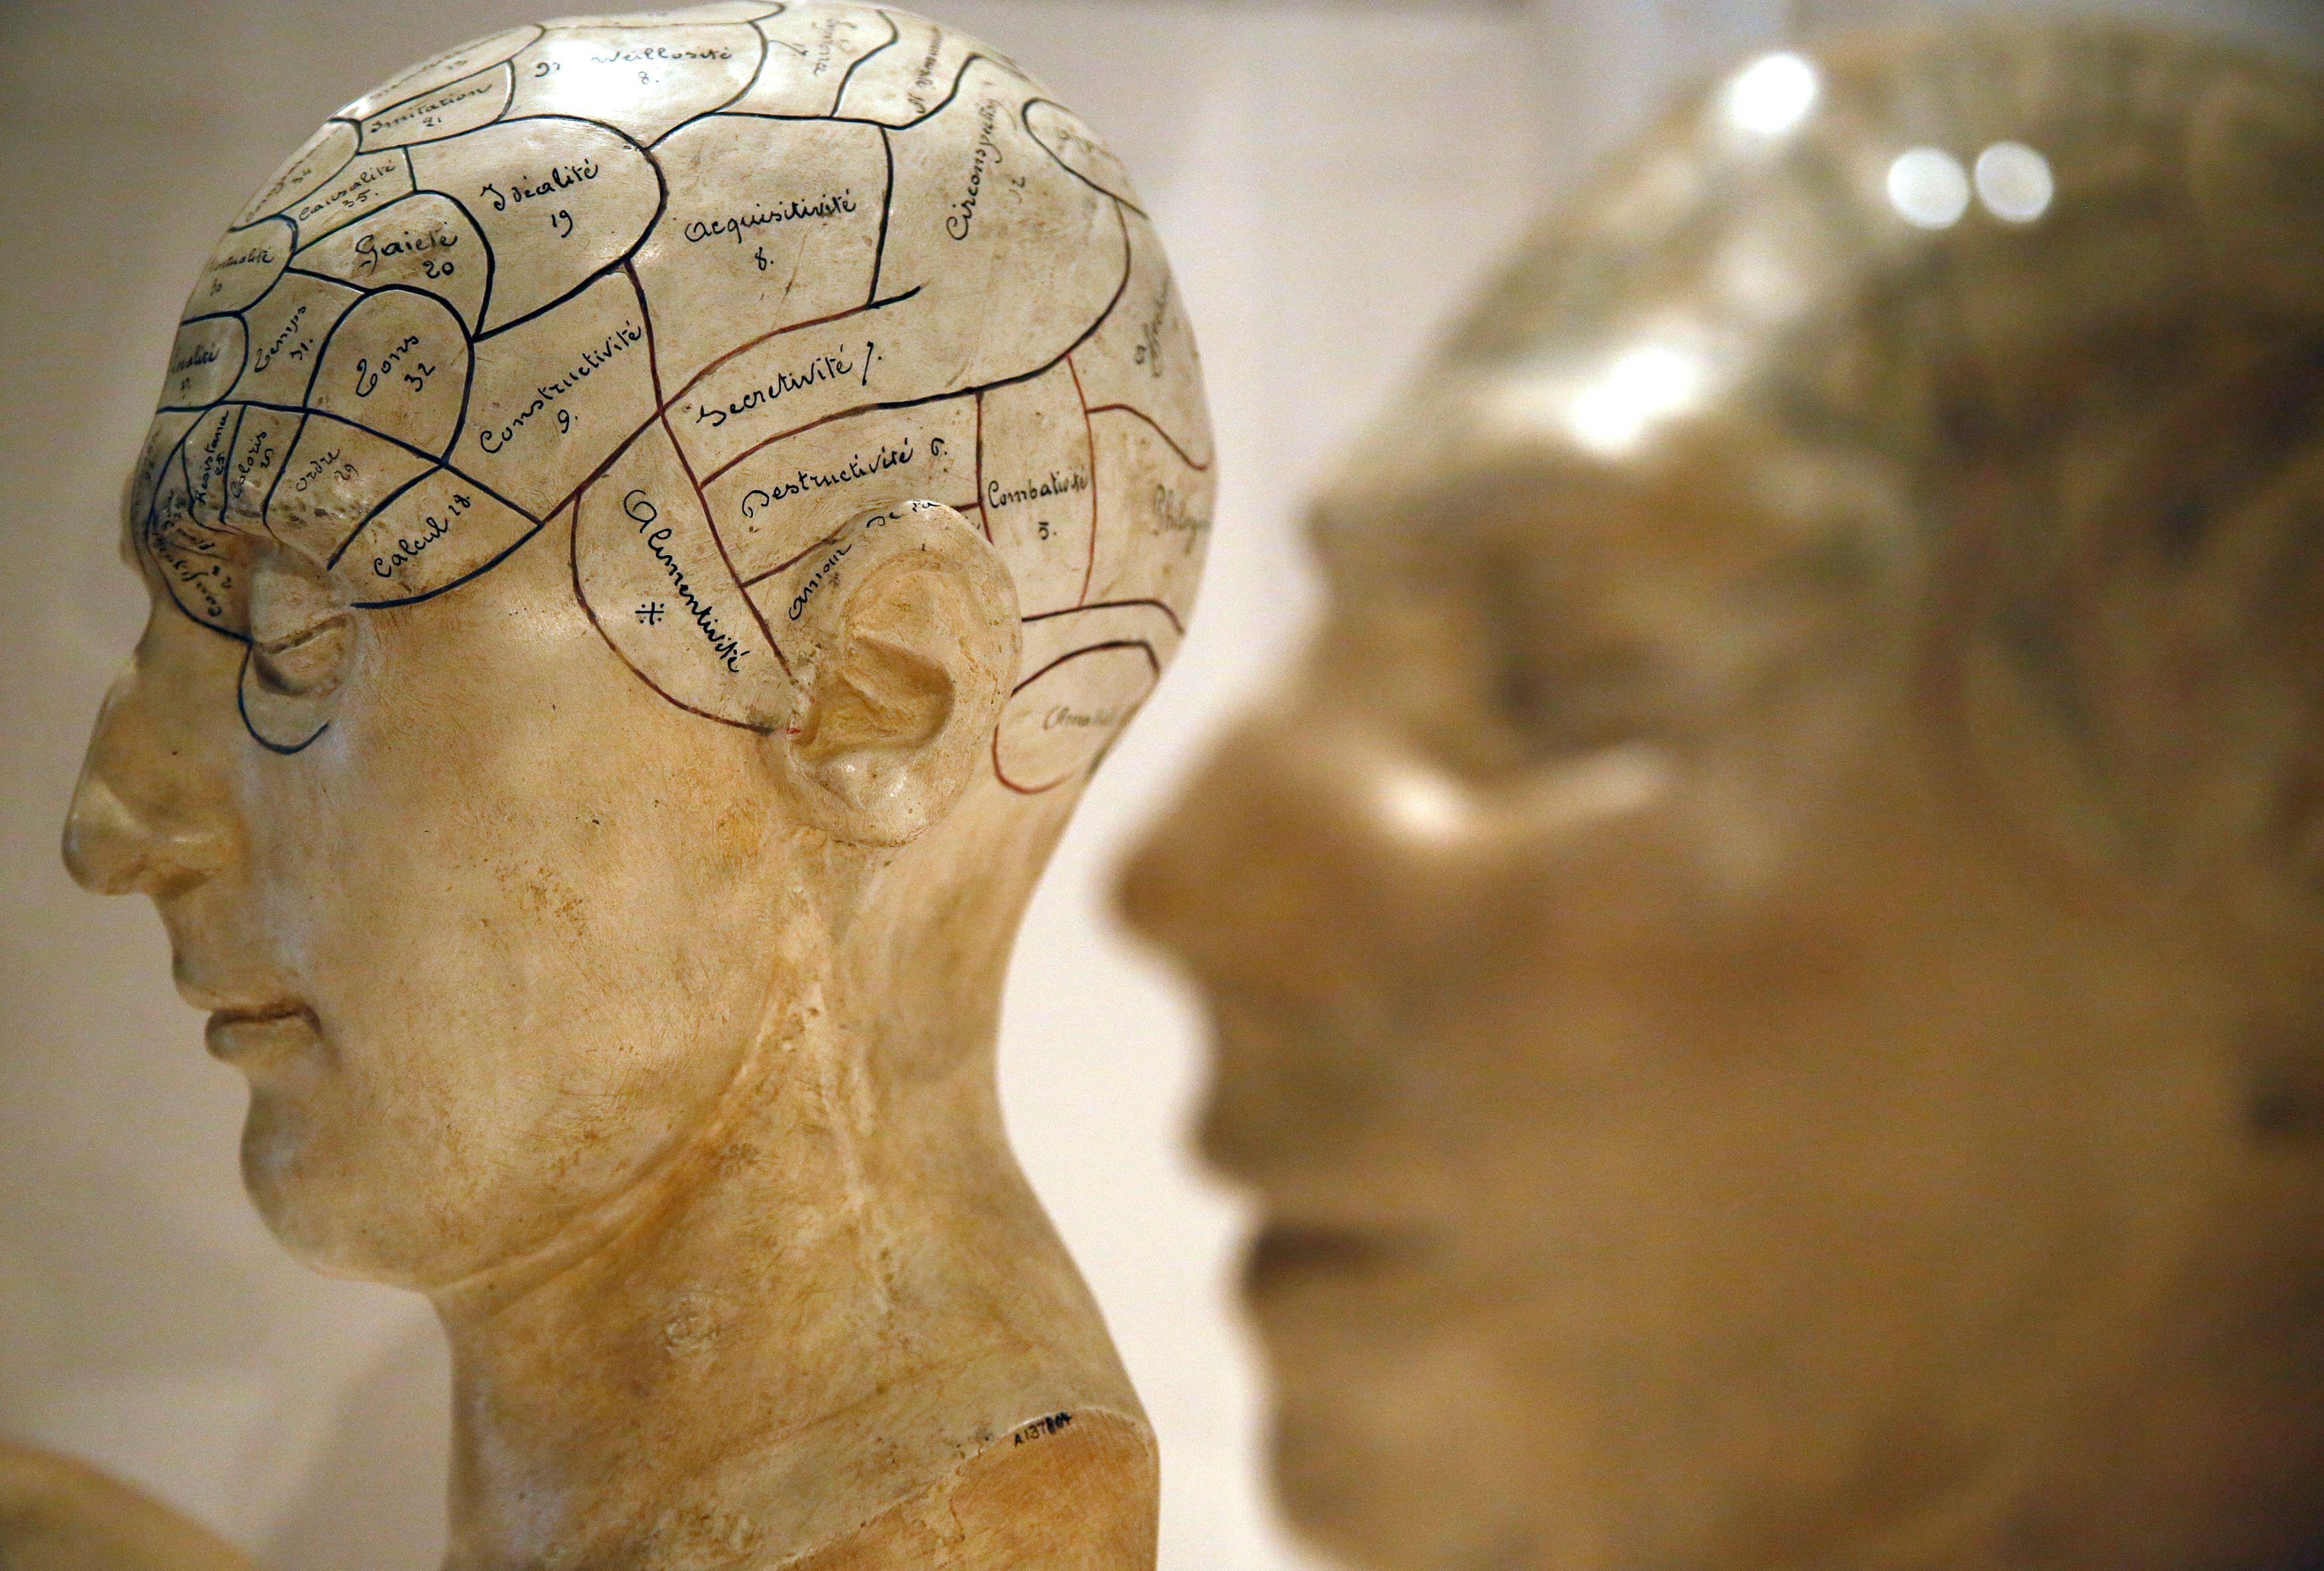 Des chercheurs montrent qu'être pauvre peut affecter l'intelligence en attaquant certaines zones du cerveau